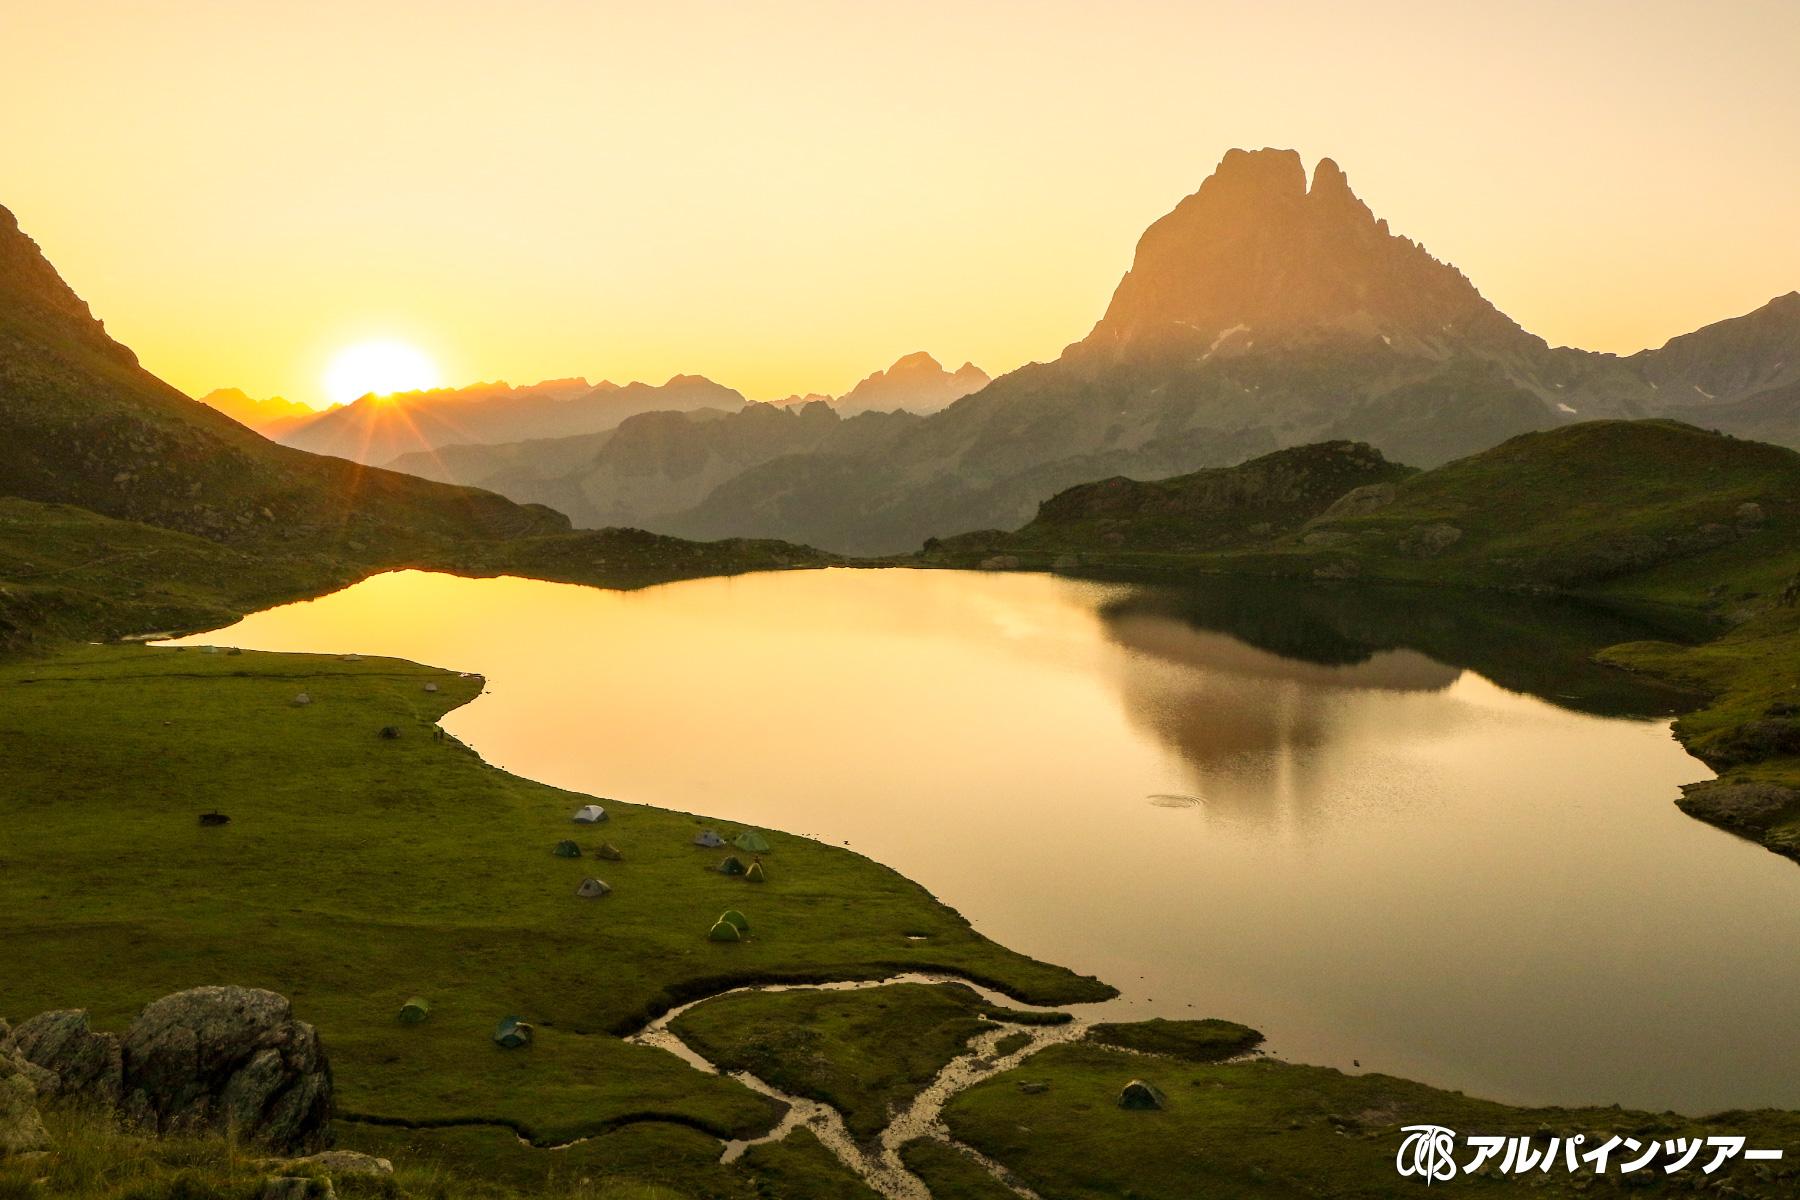 【今日の絶景】 朝を迎えるアユー小屋(ピレネー)